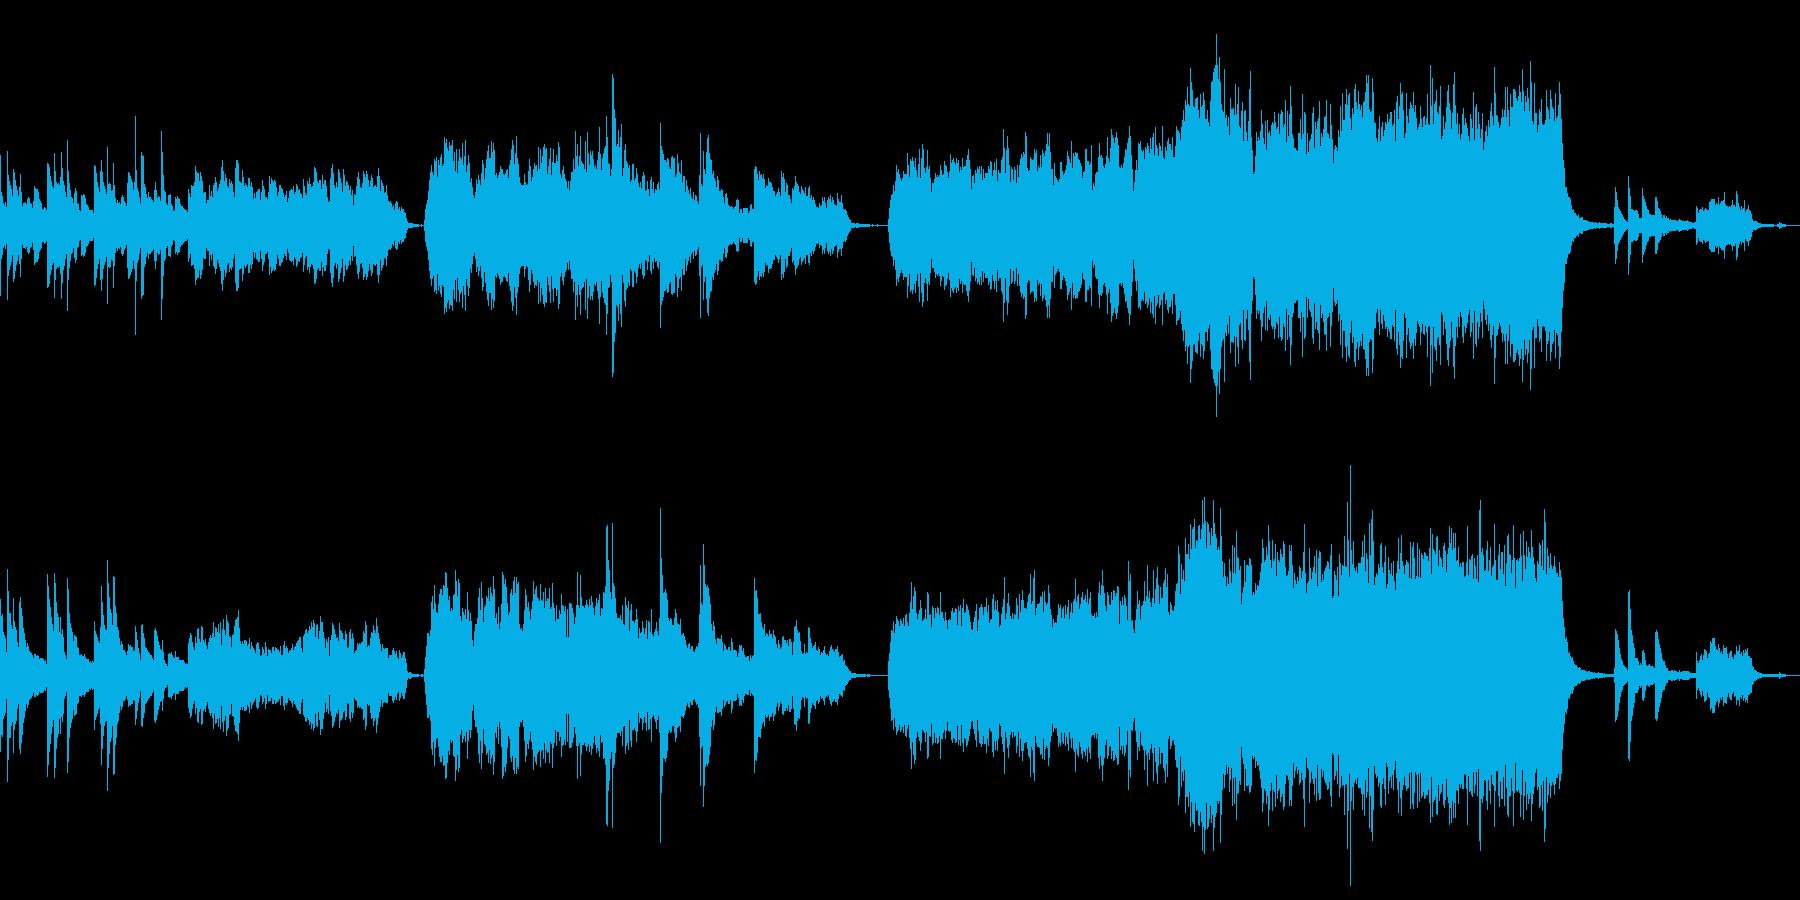 自然の壮大さを表現したオーケストラの再生済みの波形